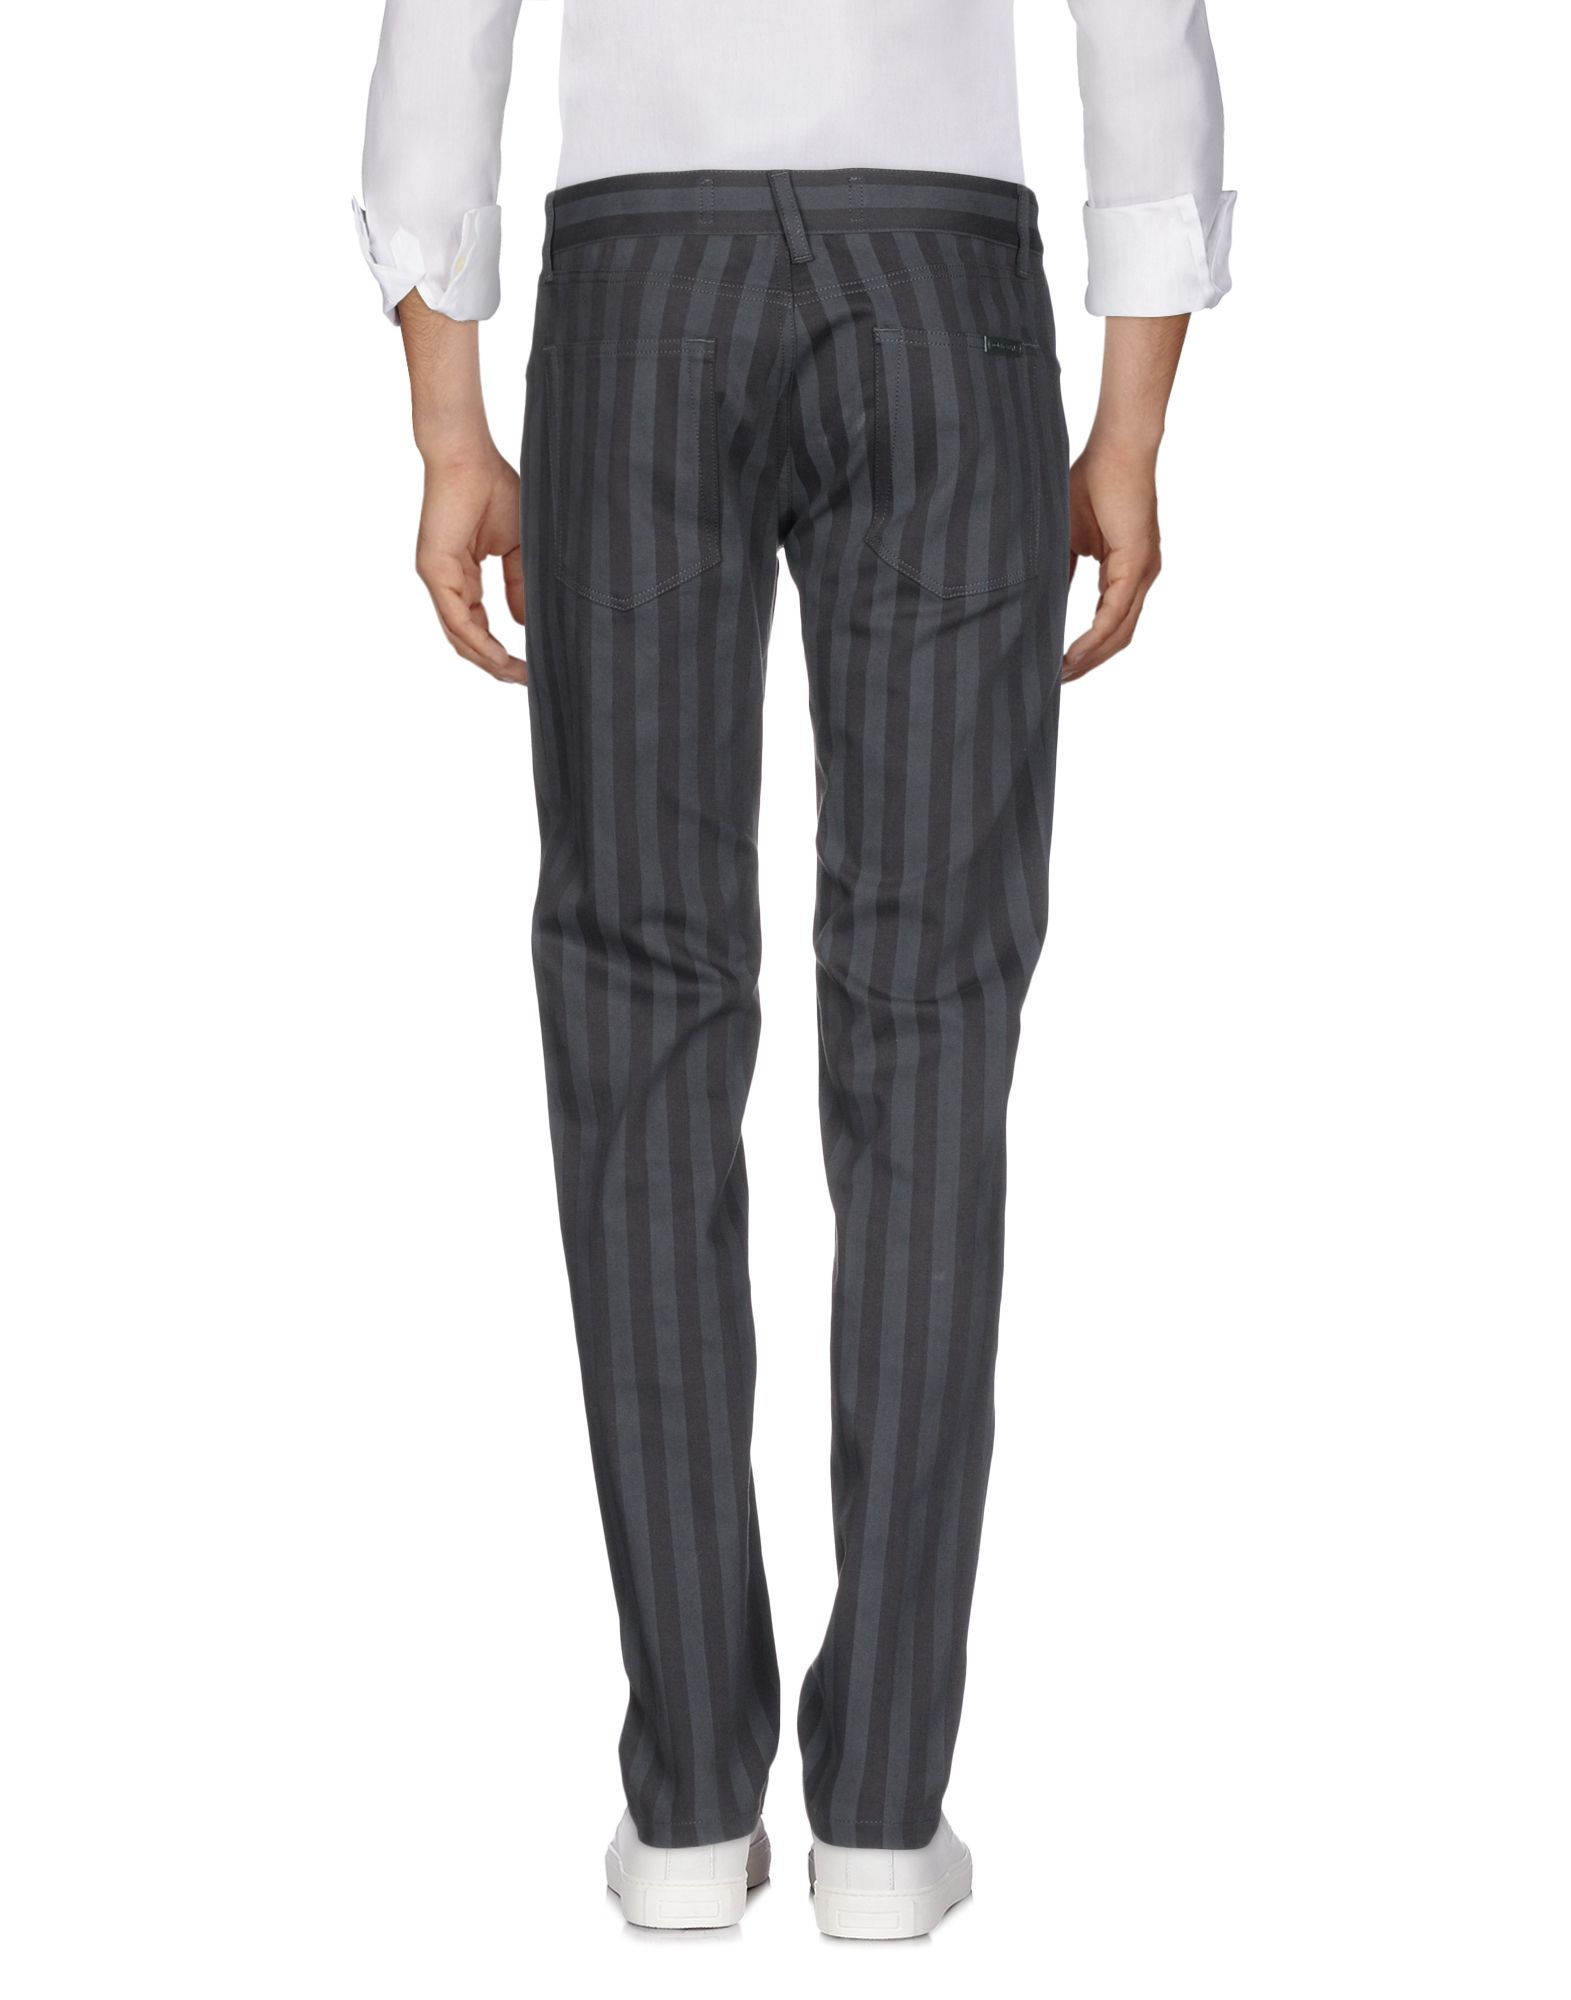 Pantaloni Jeans Dolce & Gabbana Uomo - 42544109QP 42544109QP 42544109QP 270610